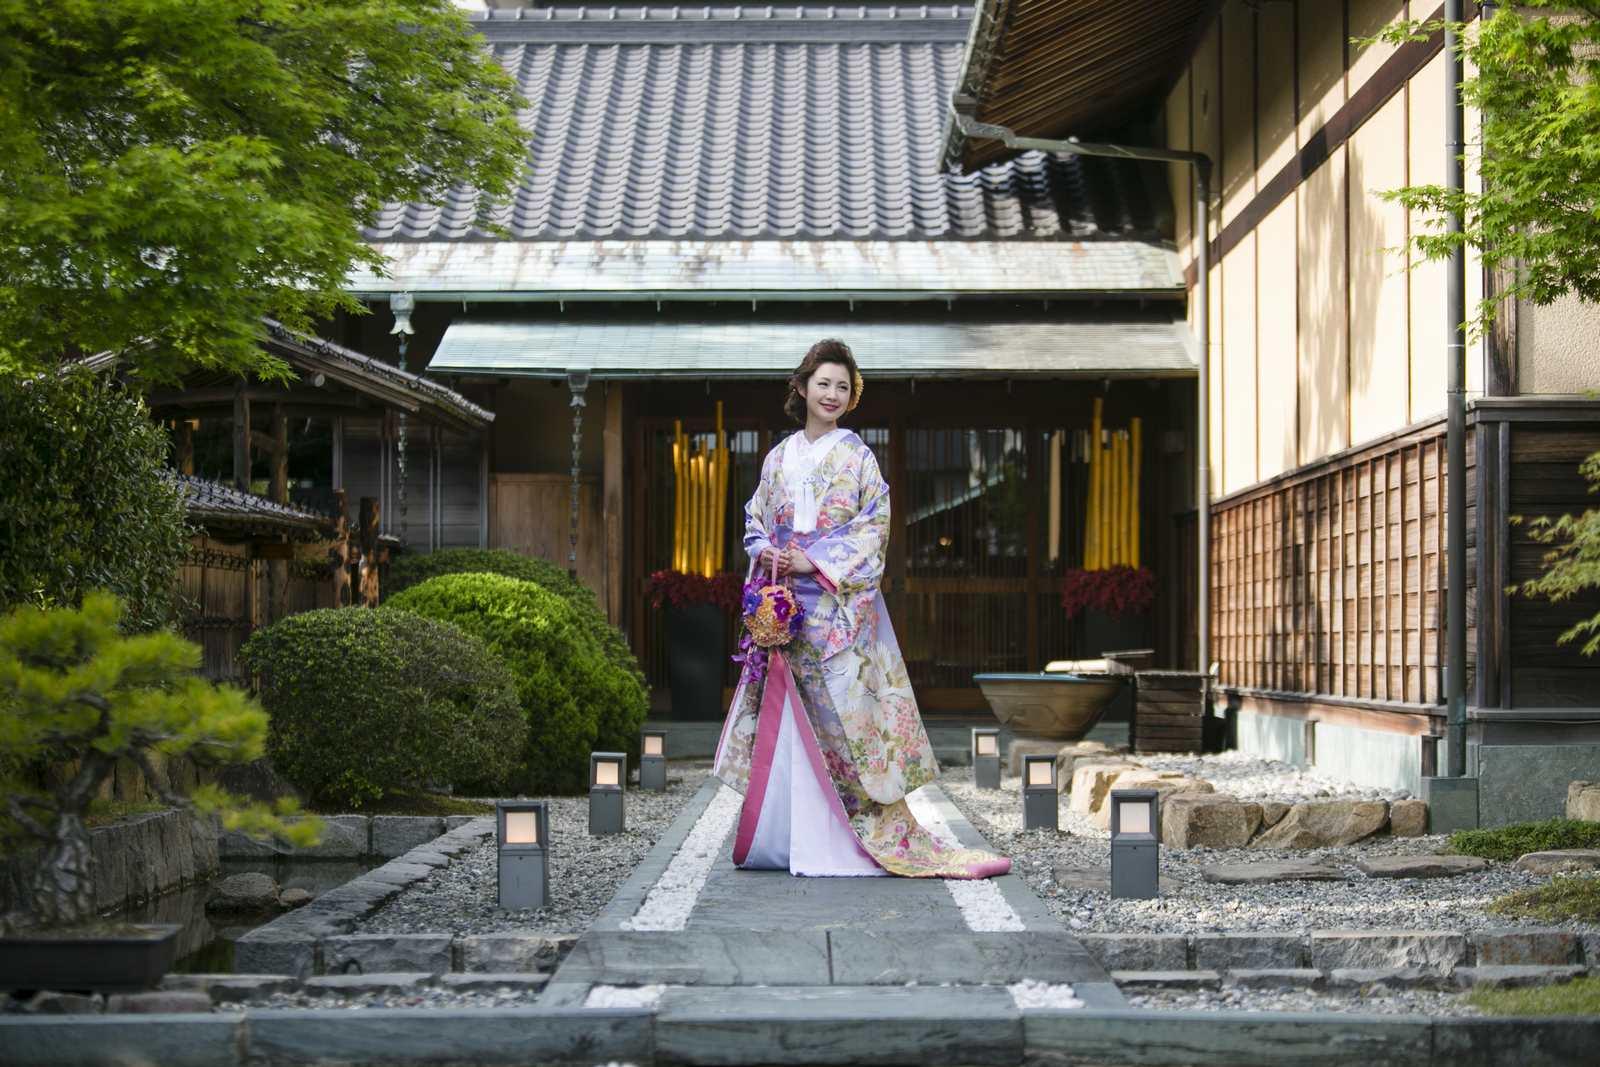 弓絃葉の邸宅前に立つ花嫁